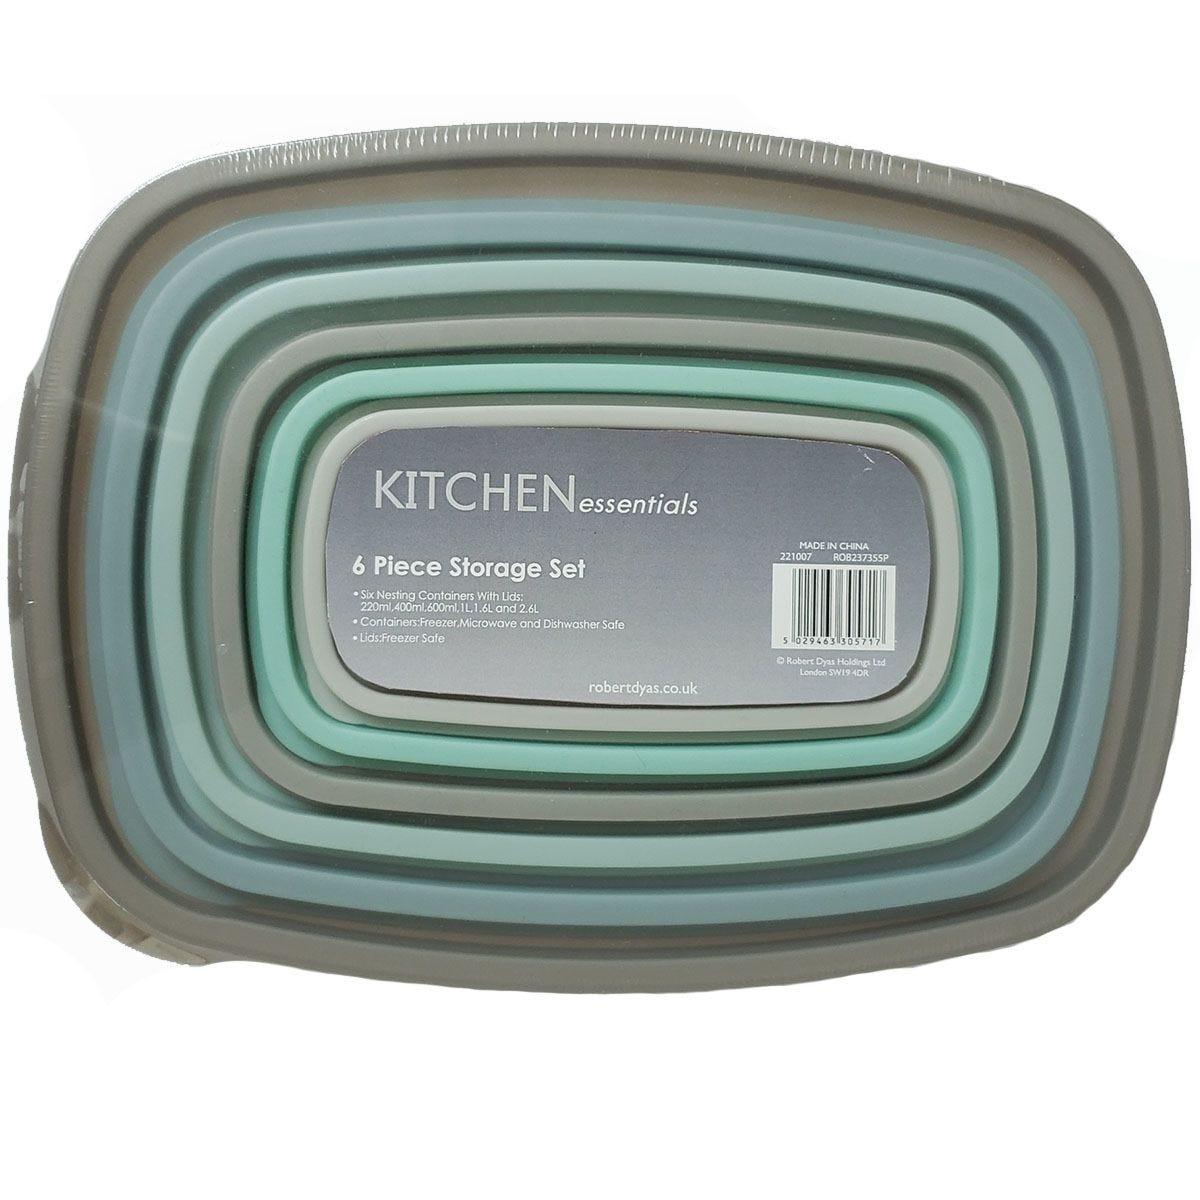 Kitchen Essentials 6-Piece Storage Set - Grey